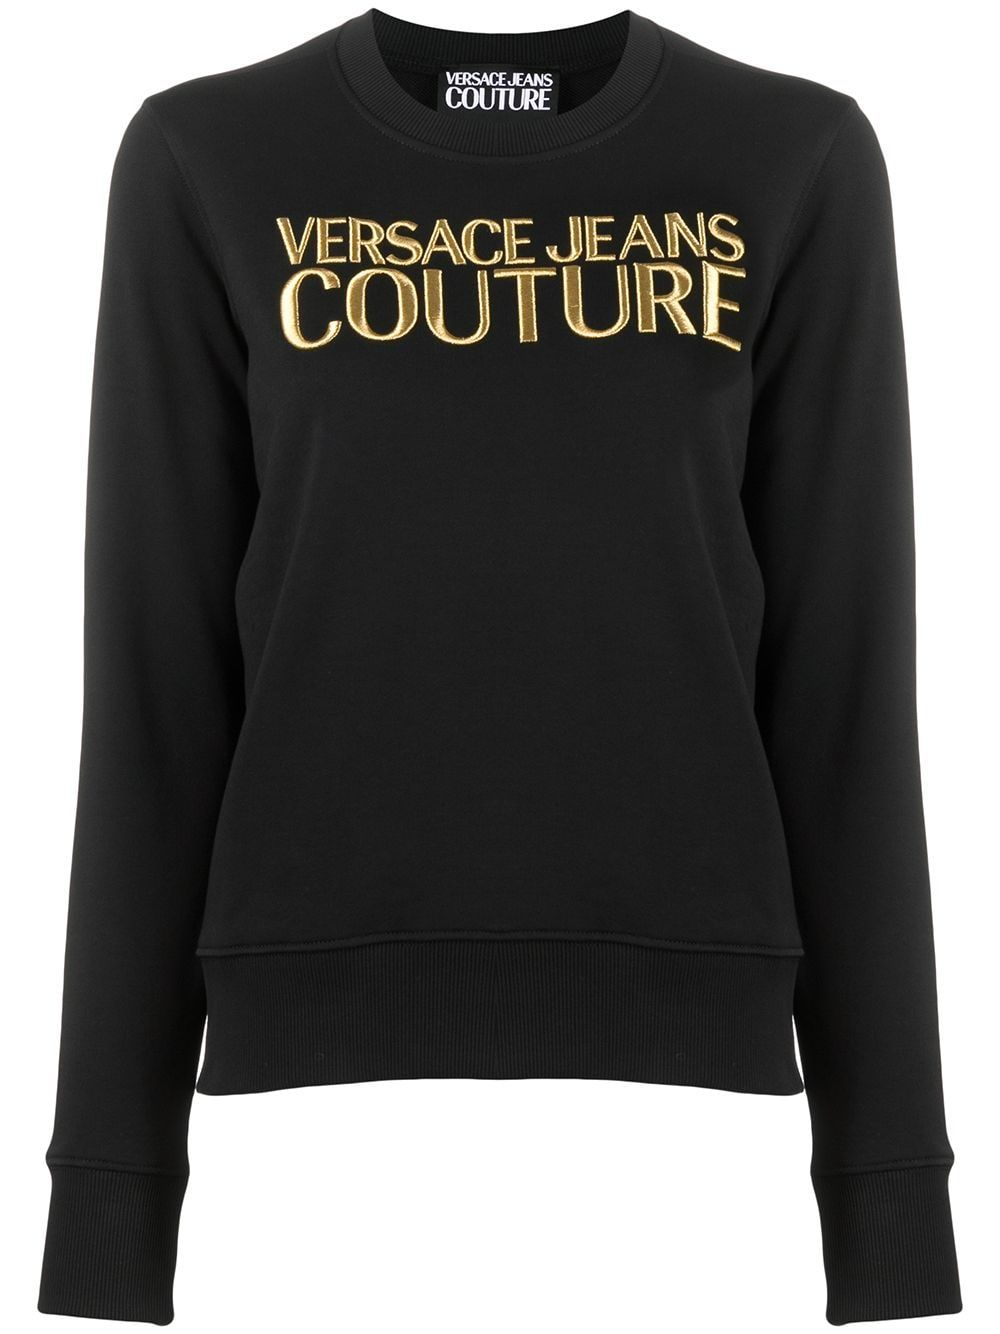 Versace Jeans Cottons VERSACE JEANS WOMEN'S BLACK COTTON SWEATSHIRT